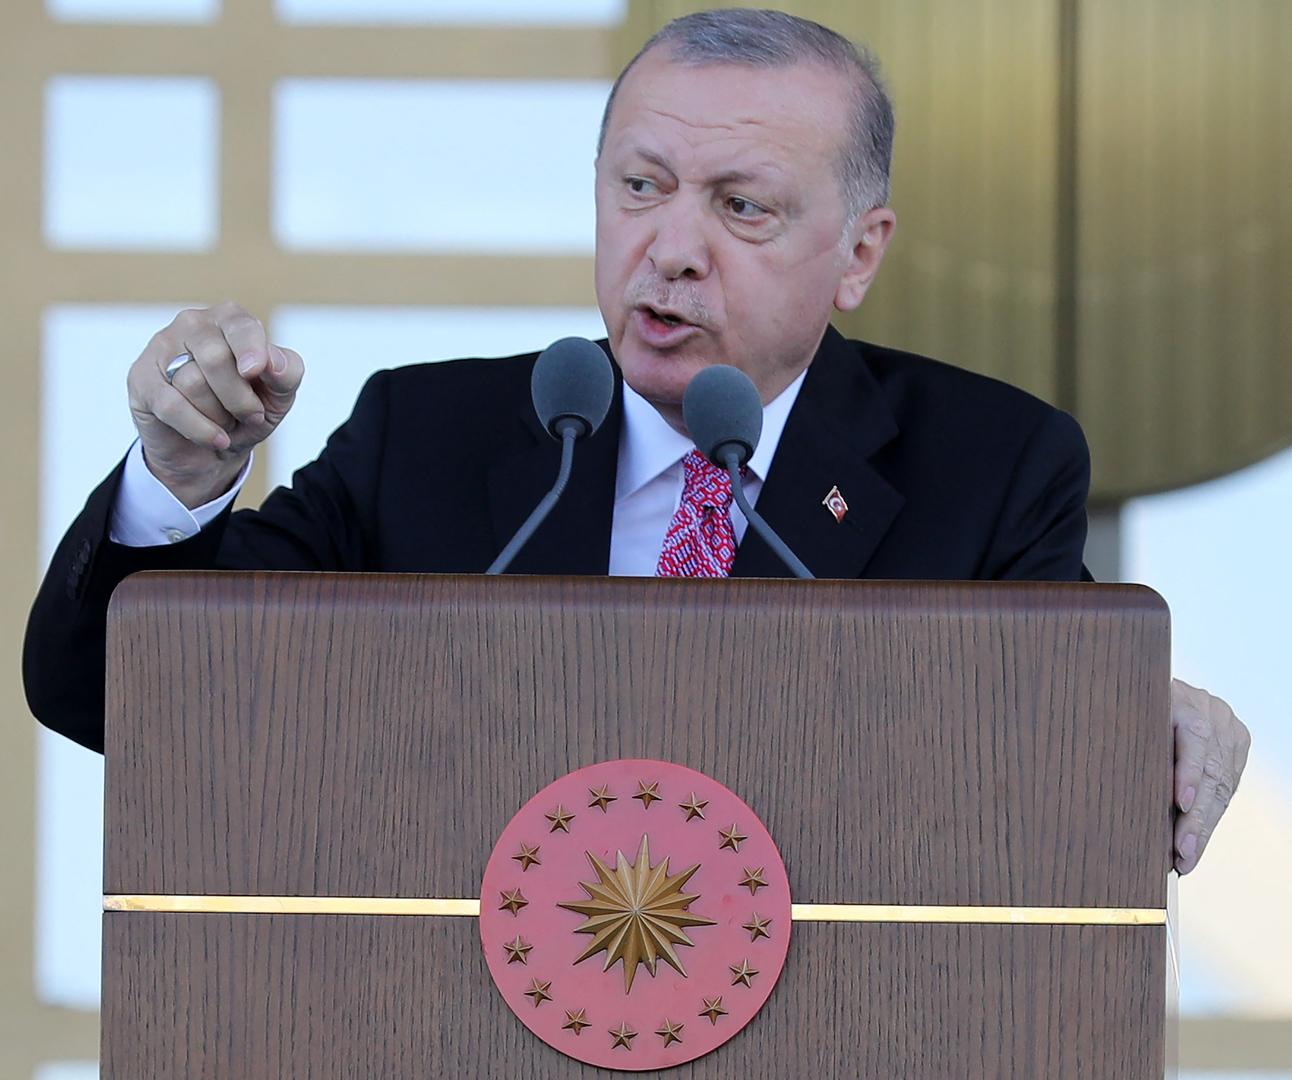 أردوغان: سنقضي العيد في ظروف أفضل بعد أن سيطرنا على الوباء